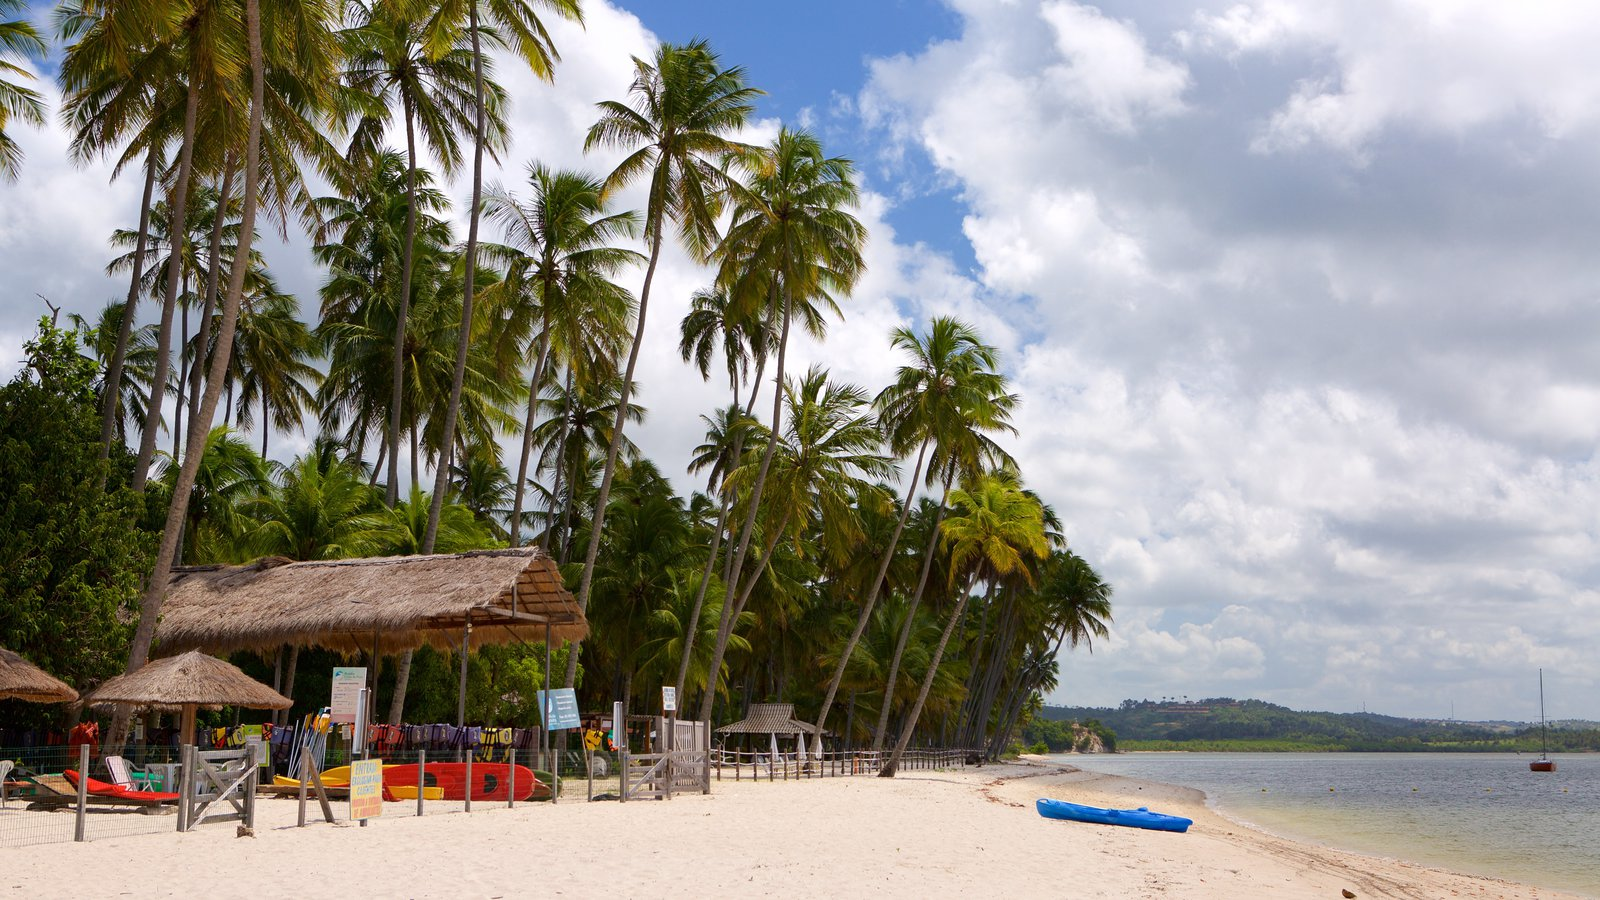 Tamandaré caracterizando uma praia, cenas tropicais e paisagens litorâneas